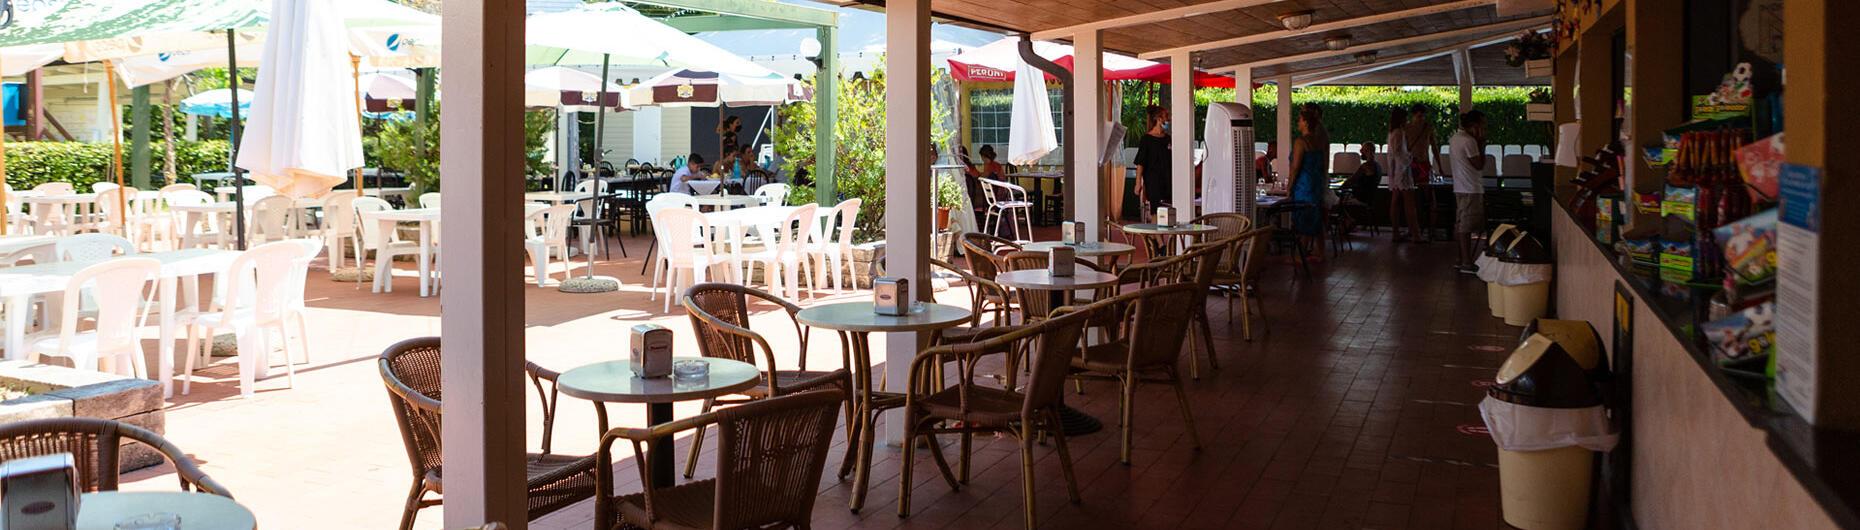 vacanzespinnaker en restaurant 005